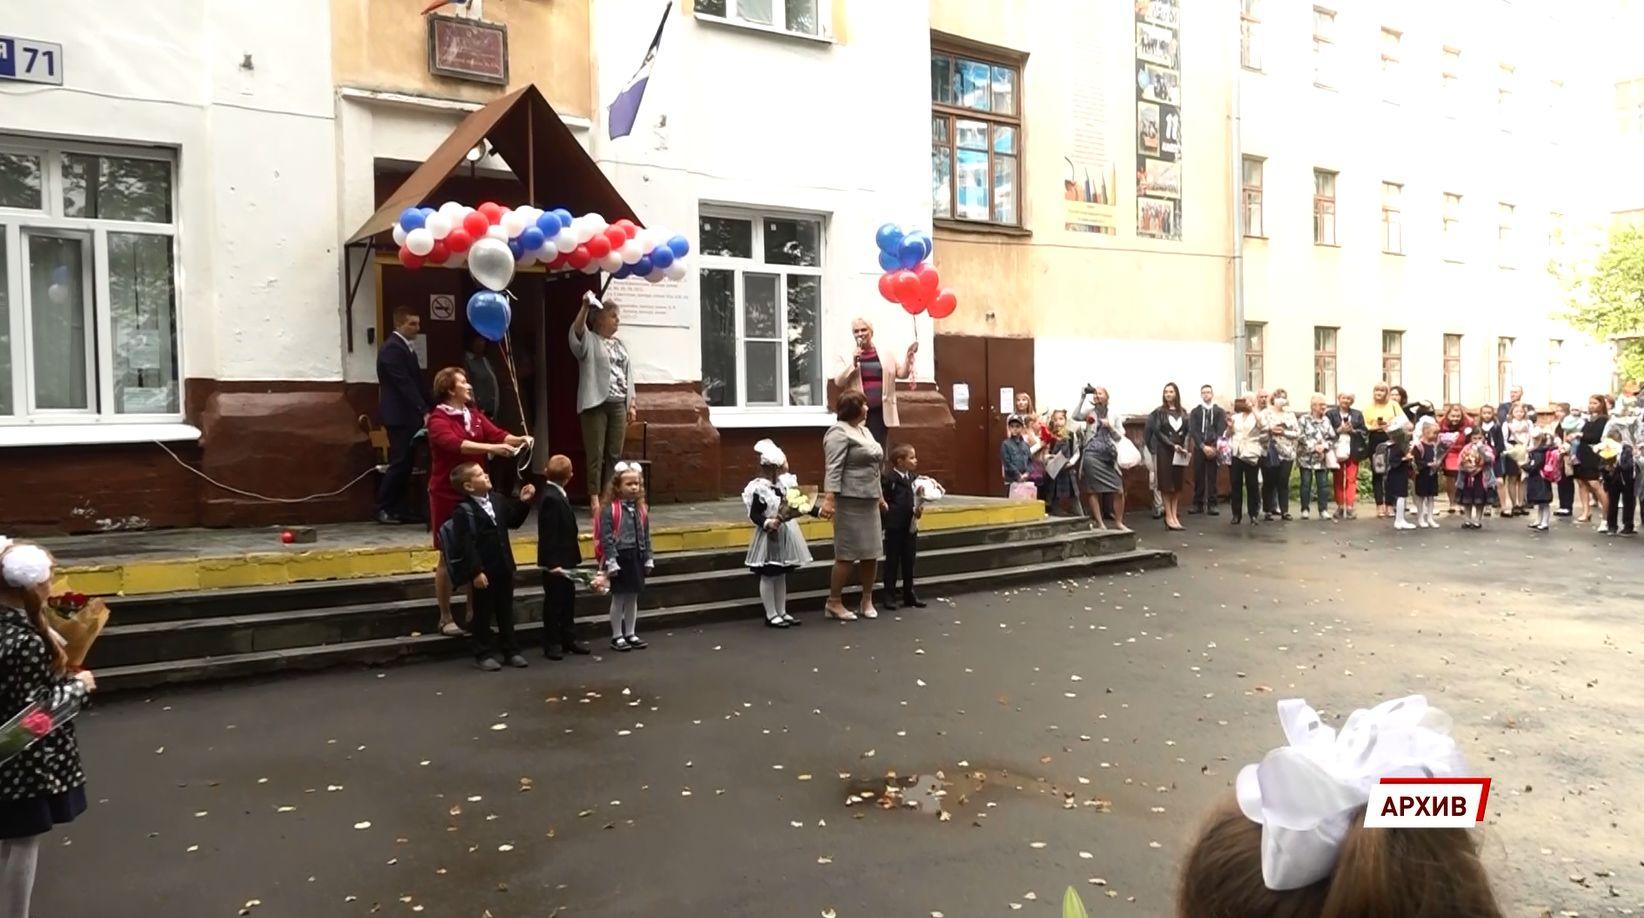 По поручению Президента РФ старт школьных выплат перенесён на 2 недели раньше